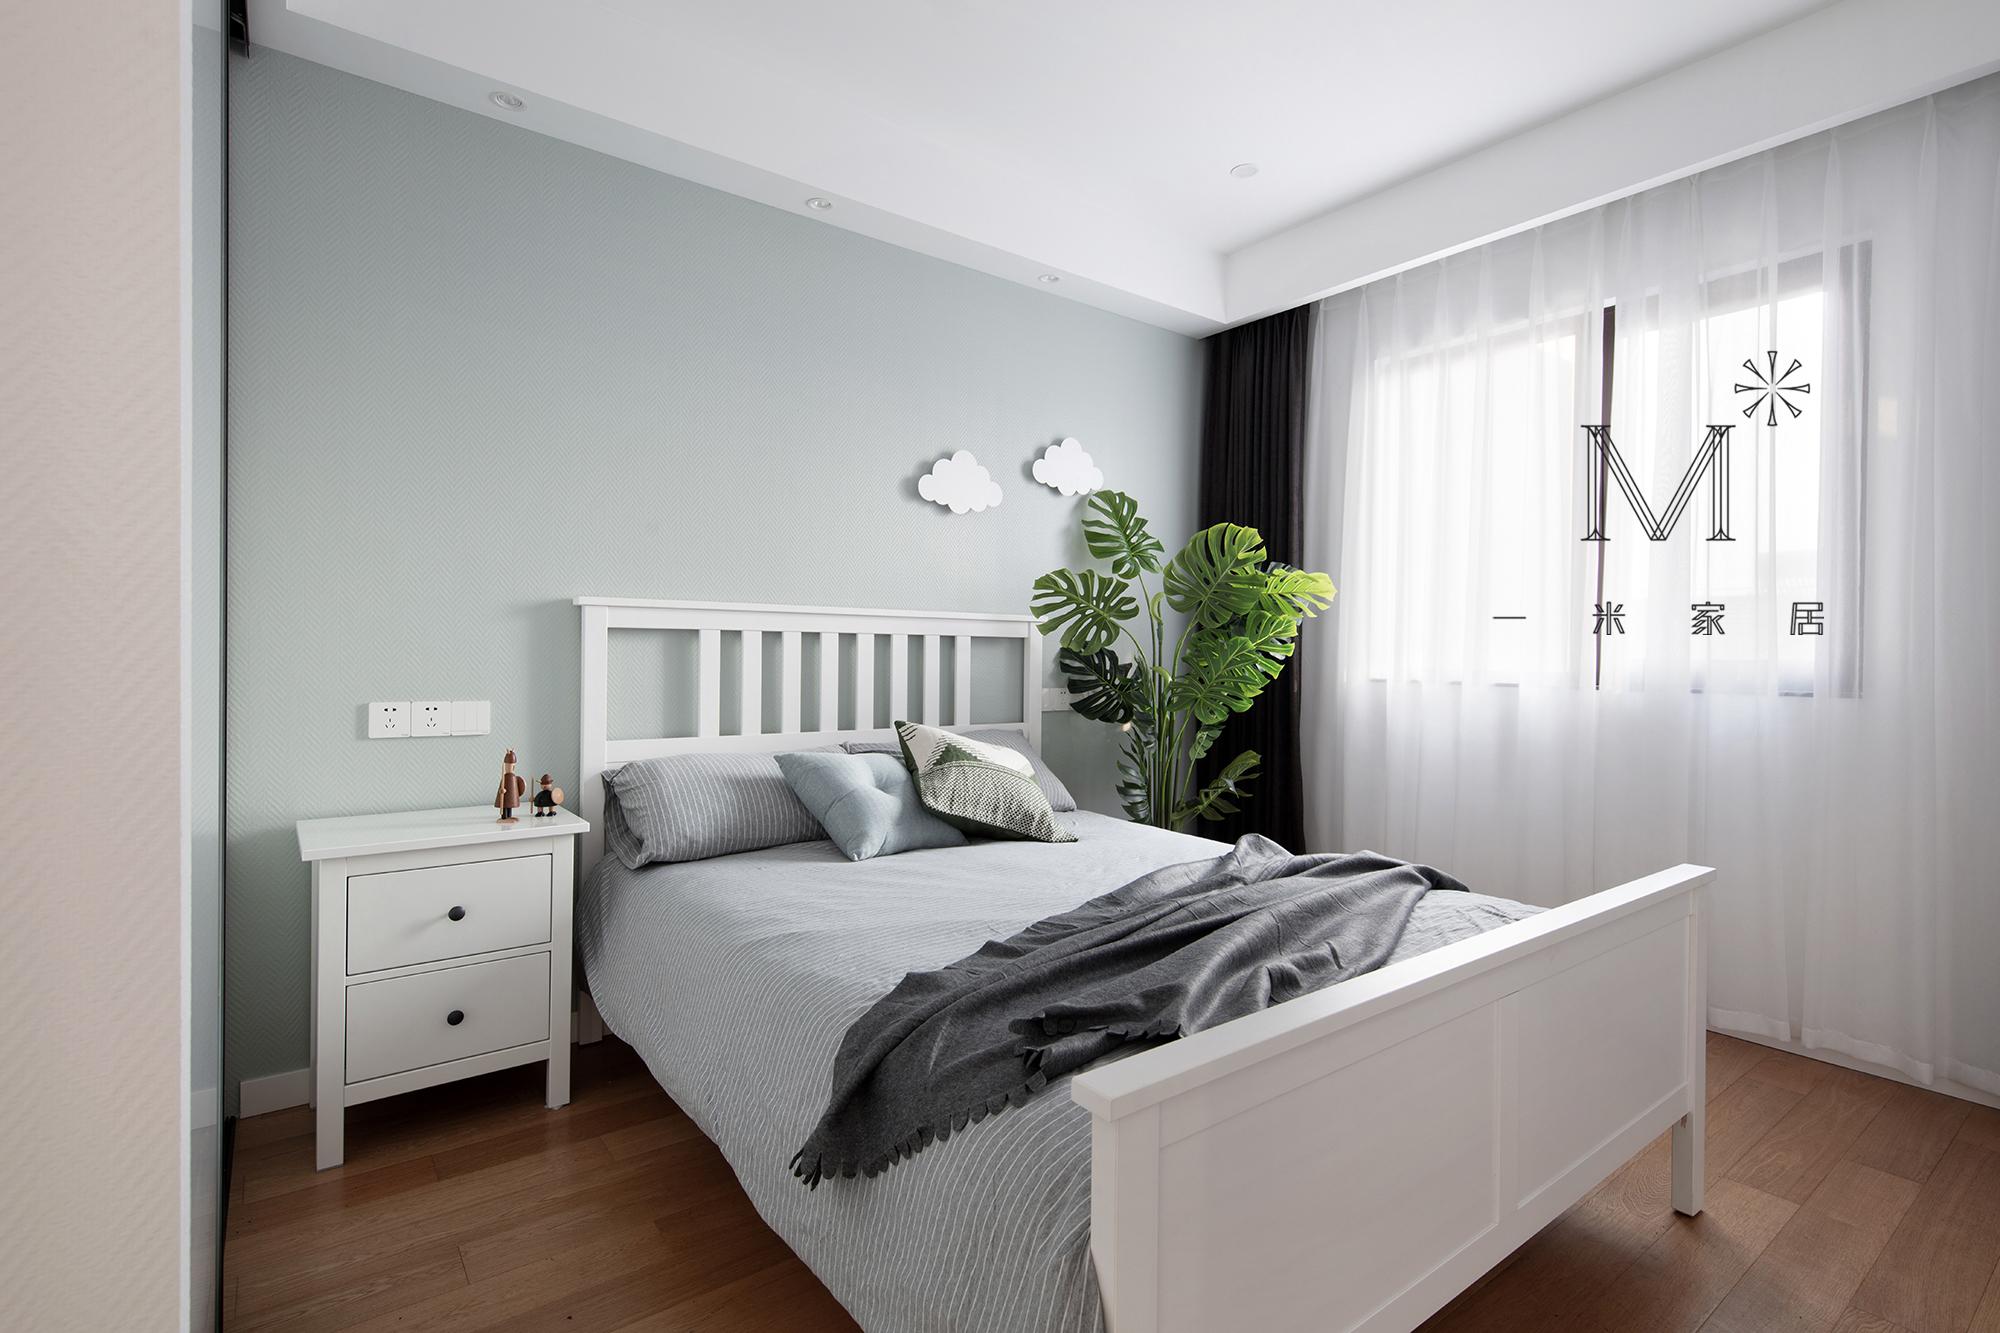 简洁101平宜家三居装饰美图卧室窗帘2图现代简约卧室设计图片赏析